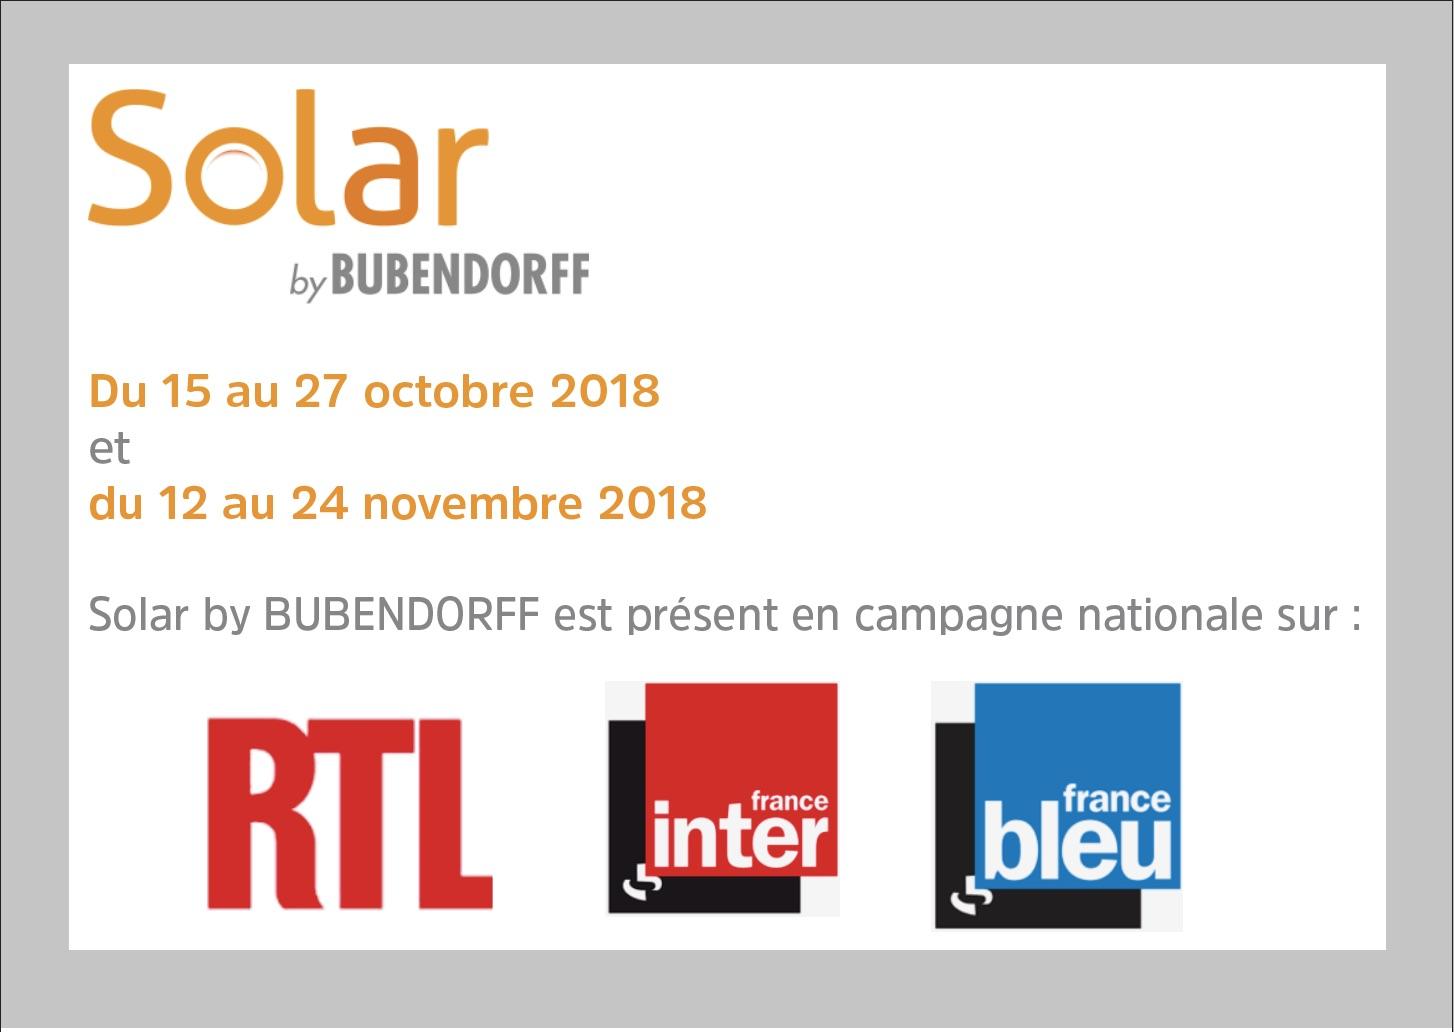 Les volets roulants et la motorisation de volets battants Solar by  BUBENDORFF arrivent sur les ondes radio avec un ambassadeur de marque,  Stéphane Thébaut, ... f5a4b32bb120